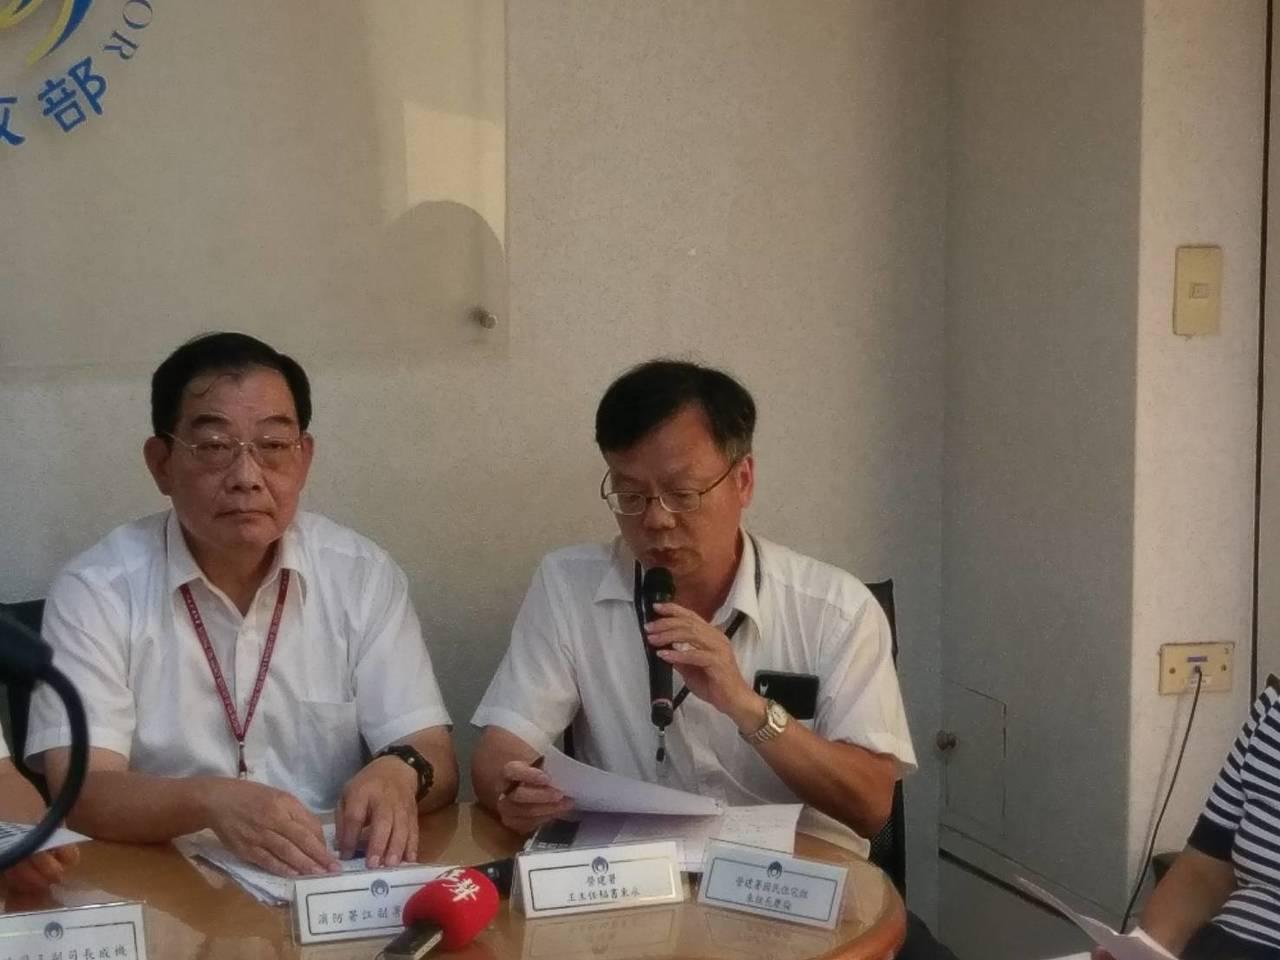 營建署主秘王東永(右)。記者徐偉真/攝影